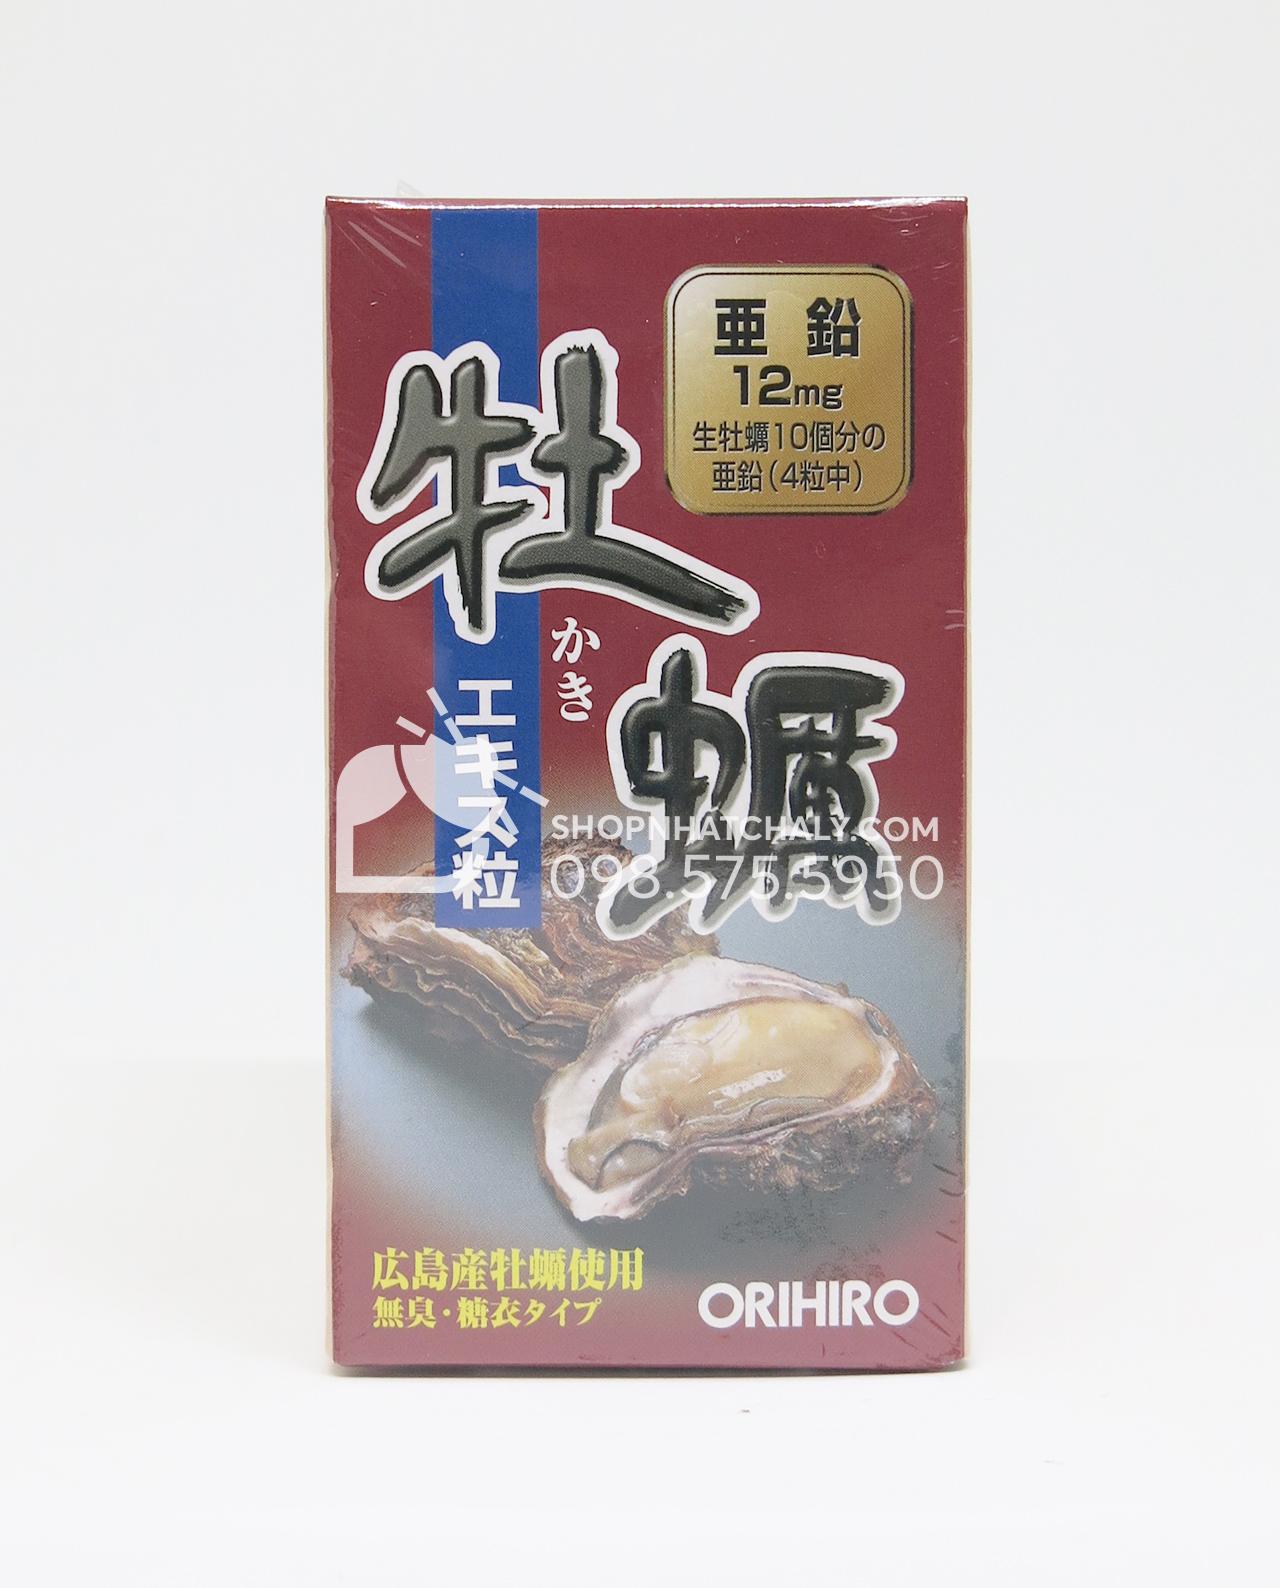 Tinh chất hàu tươi Orihiro Nhật Bản thải độc gan bổ dương